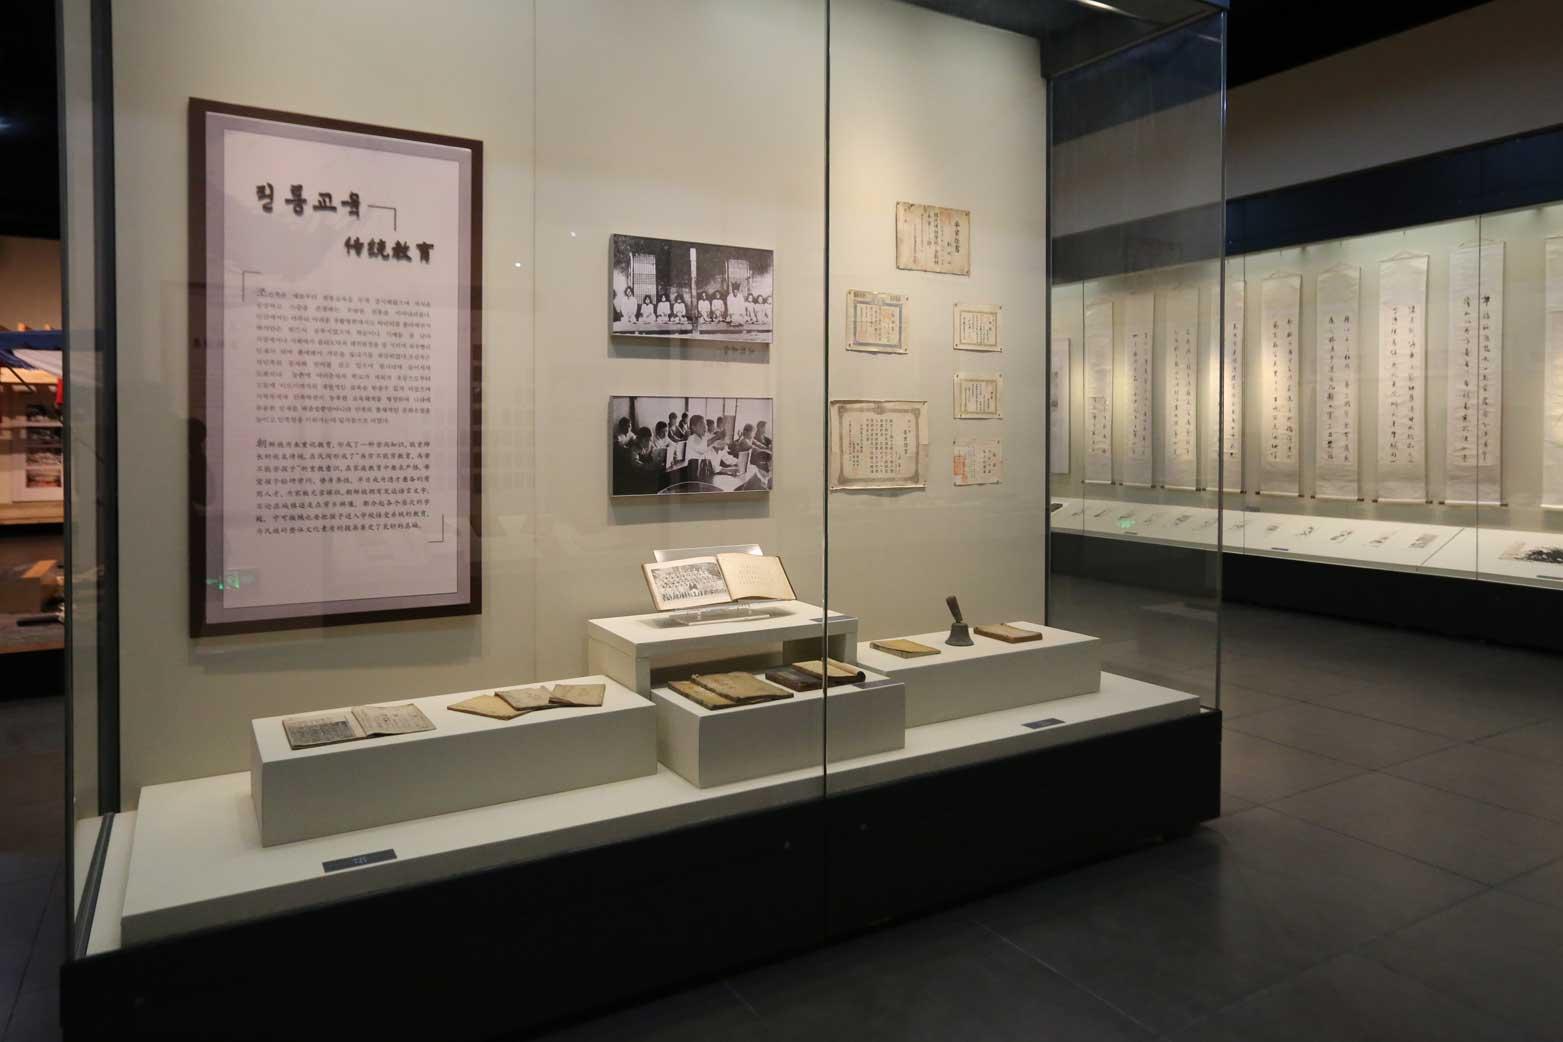 延辺朝鮮族自治州60周年にできた延辺博物館と朝鮮族の冷めた関係_b0235153_1124417.jpg